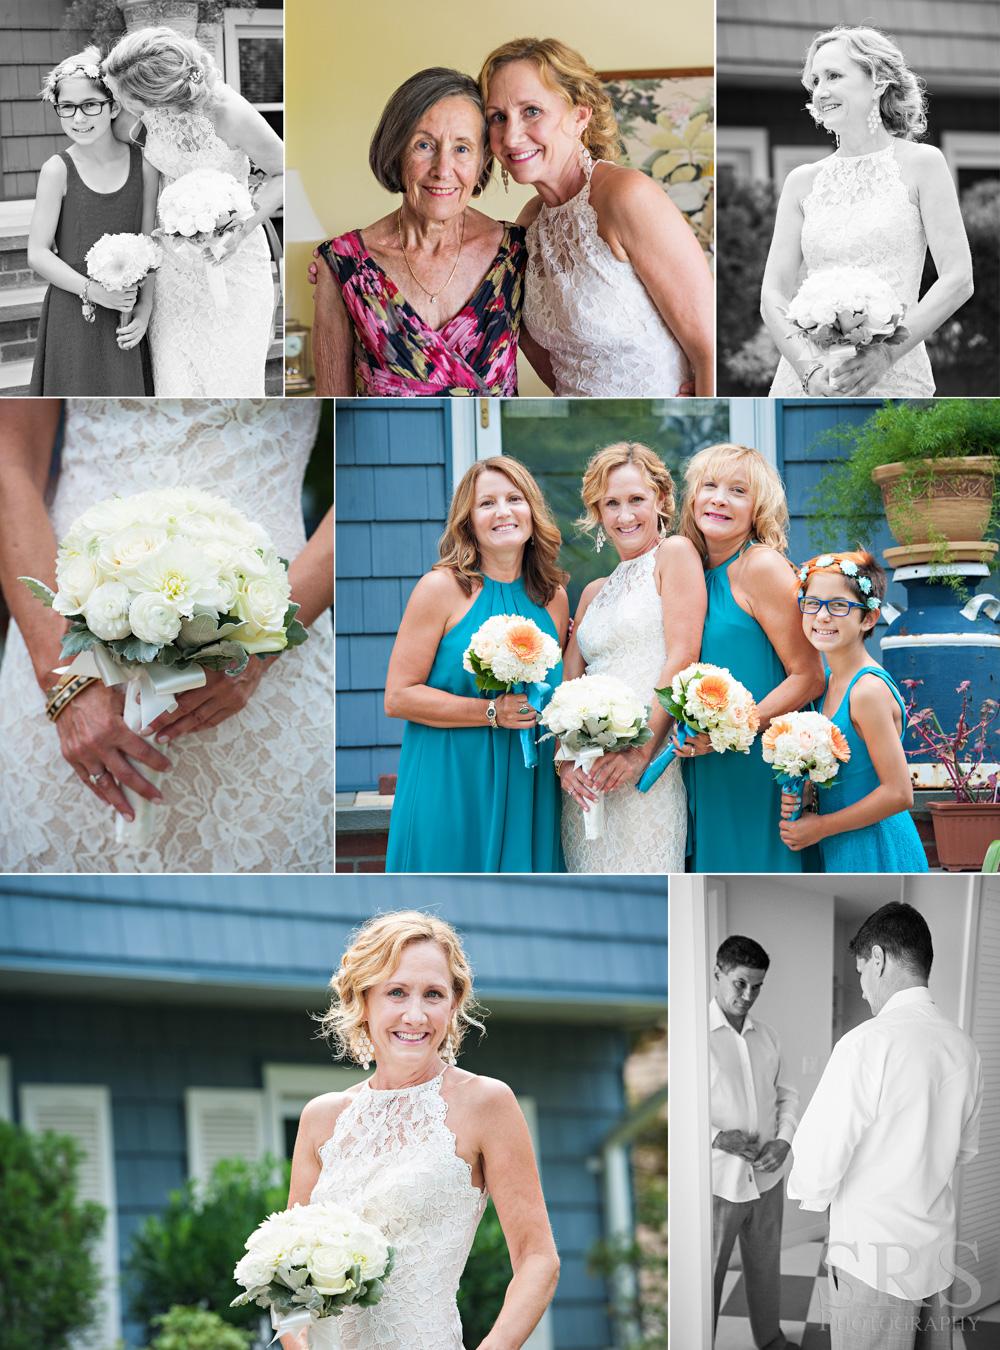 02_srs_photography_sara_stadtmiller_asbury_park_wedding_photography_nj_wedding_photographer_monmouth_county_wedding_photographer_wedding_getting_ready